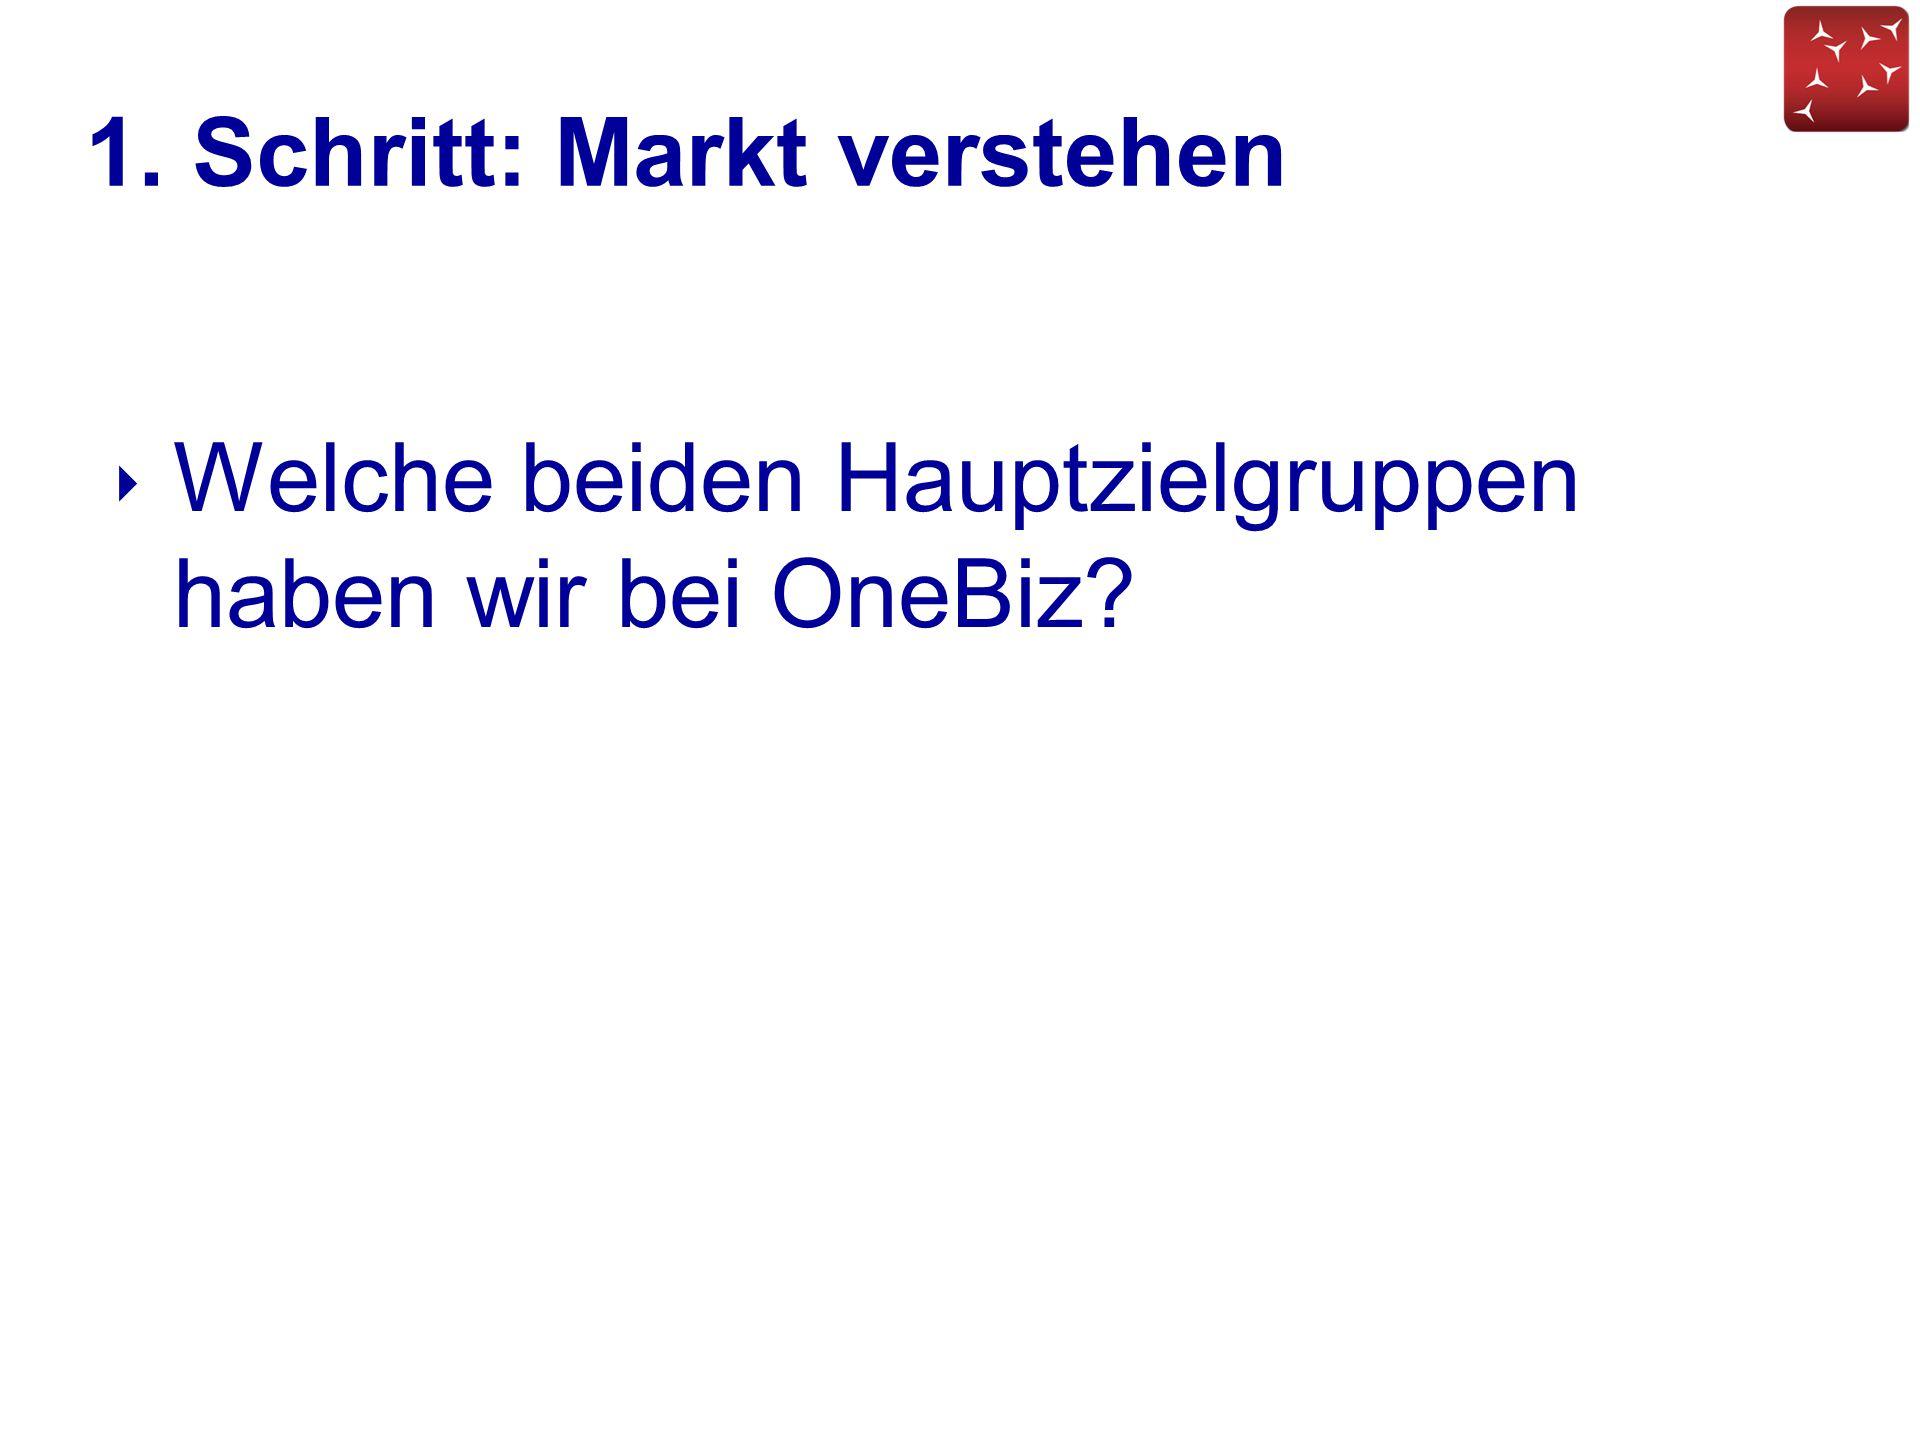 1. Schritt: Markt verstehen ‣ Welche beiden Hauptzielgruppen haben wir bei OneBiz?